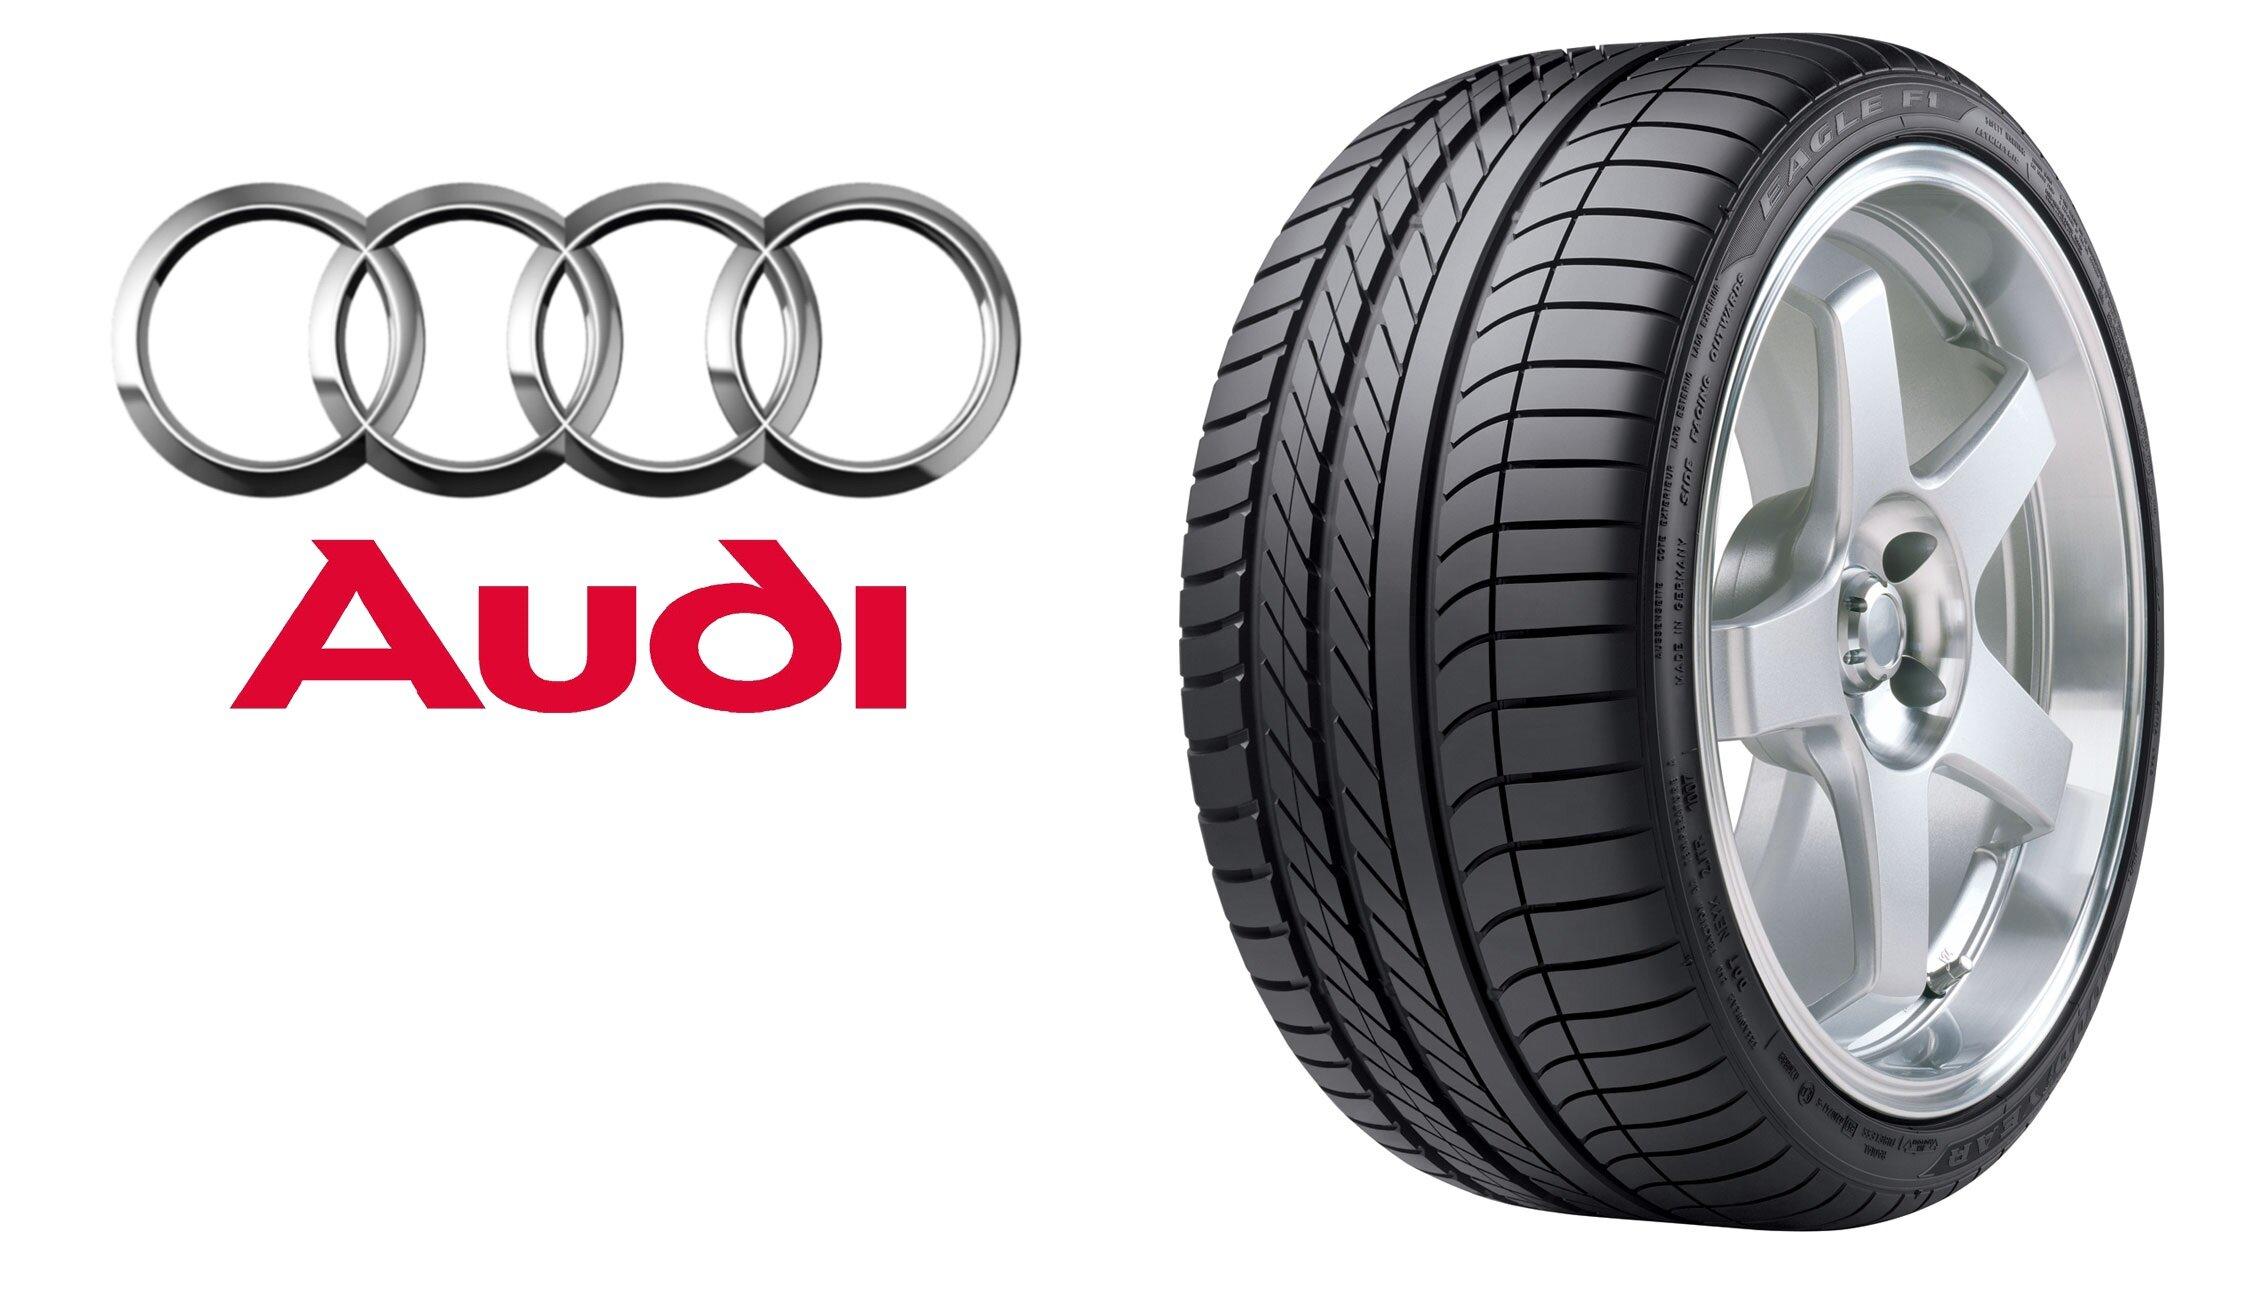 Bảng giá các loại lốp cho xe ô tô Audi cập nhật thị trường tháng 2/2016